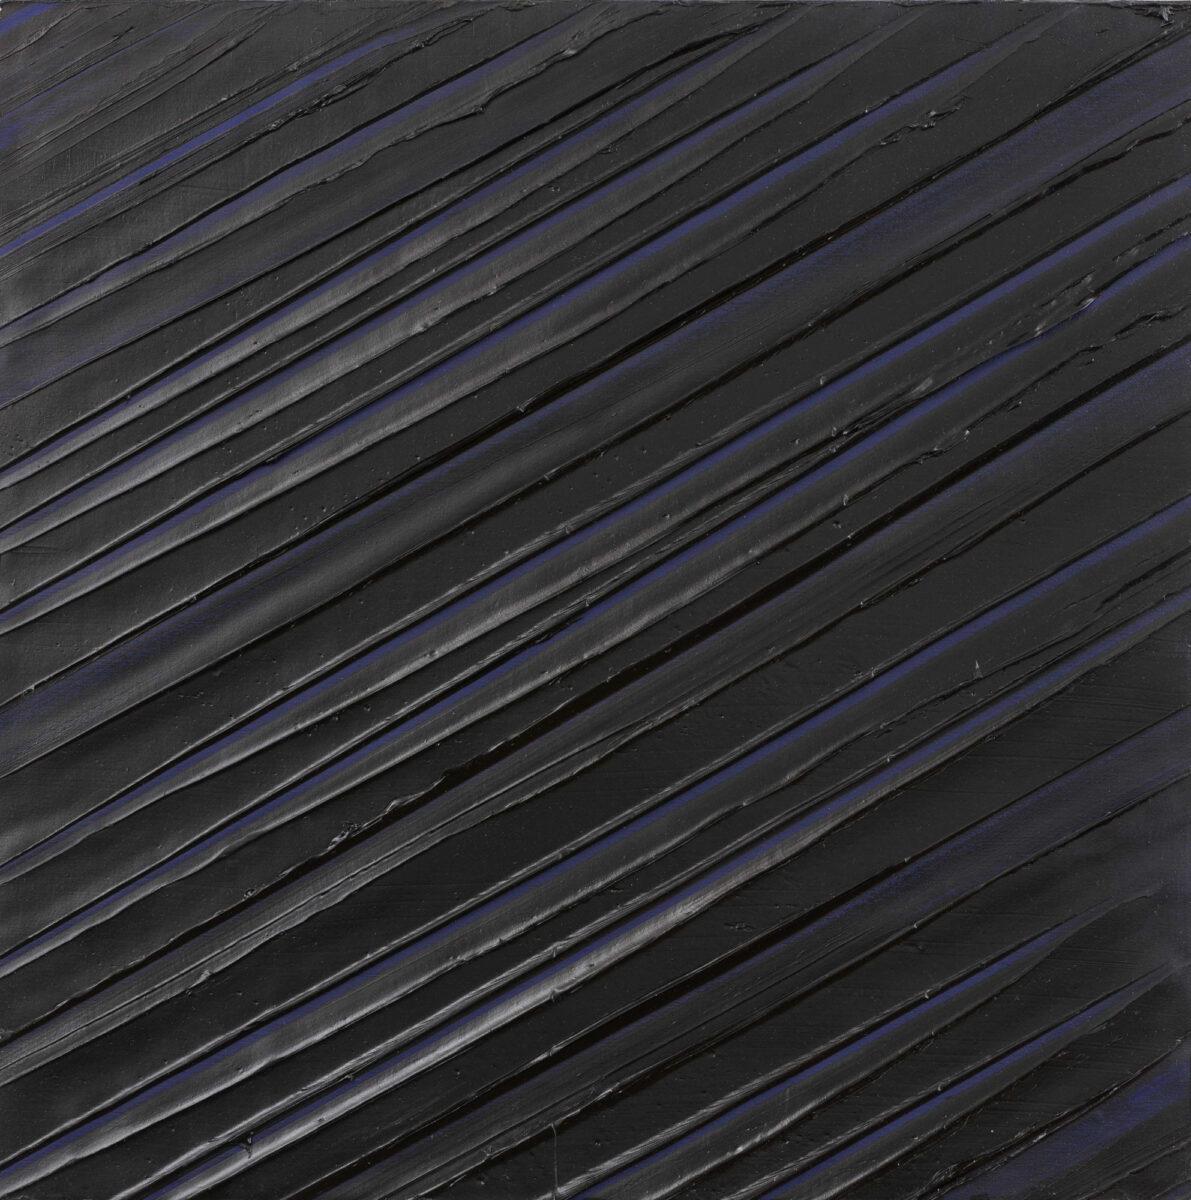 Pierre Soulages Peinture 43 x 43 cm, 8 mai 1997, original painting for sale